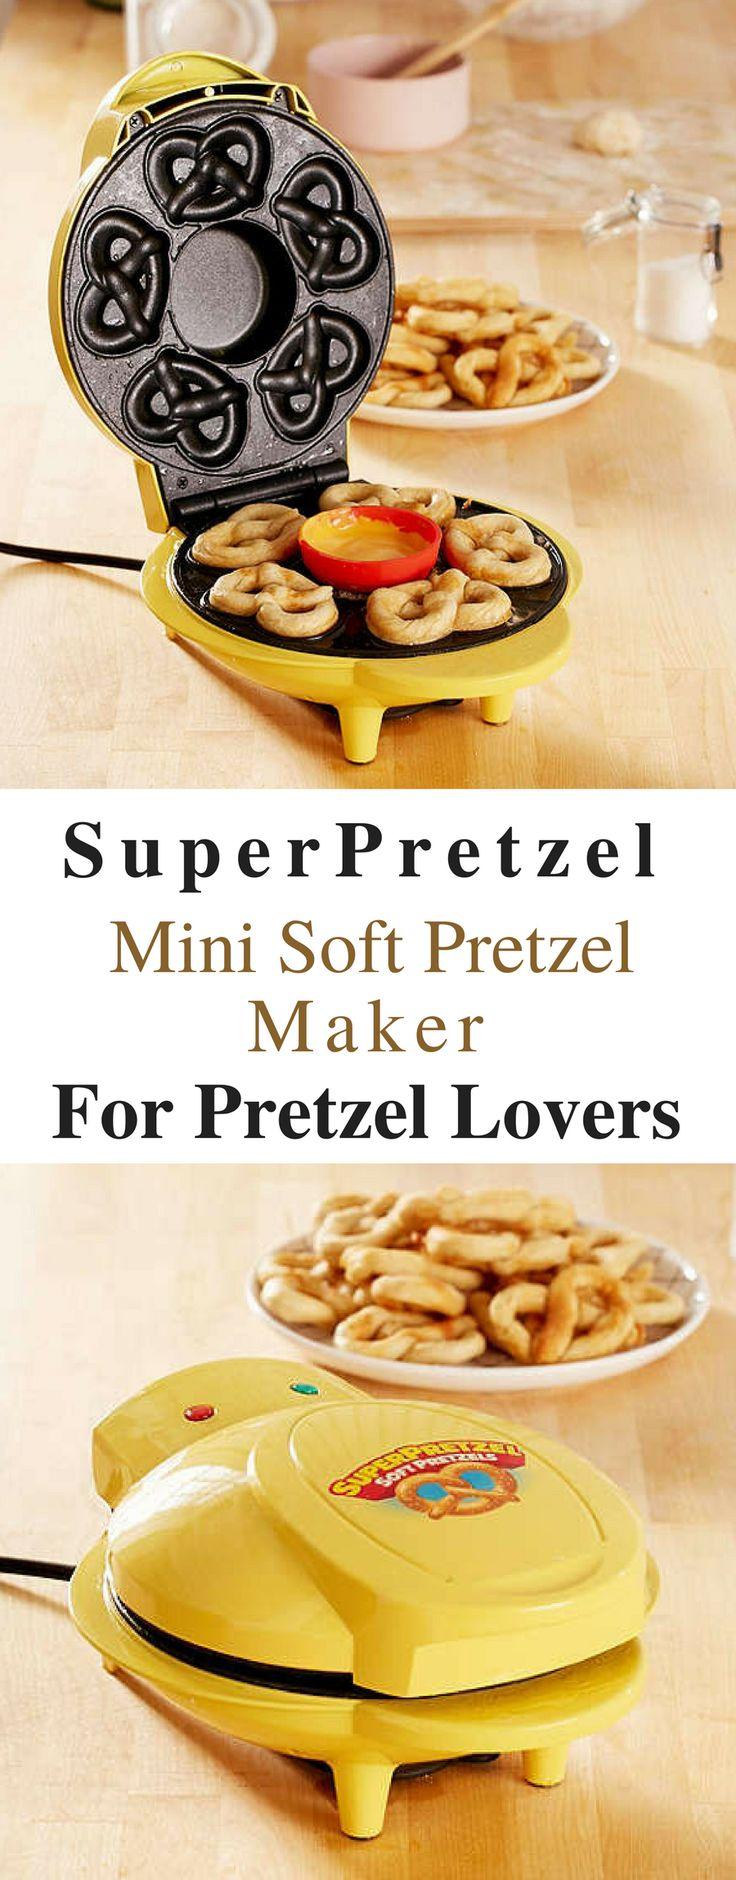 Best Mini Soft Pretzel Maker! This is awesome! NNT #Afflink #pretzels #maker #cooking #baking #GiftForHer #giftsforher #giftforhim #giftforcouple #giftideas #GIFTIDEA #gift #christmasgifts pretzel maker | pretzel maker pretzel bites |